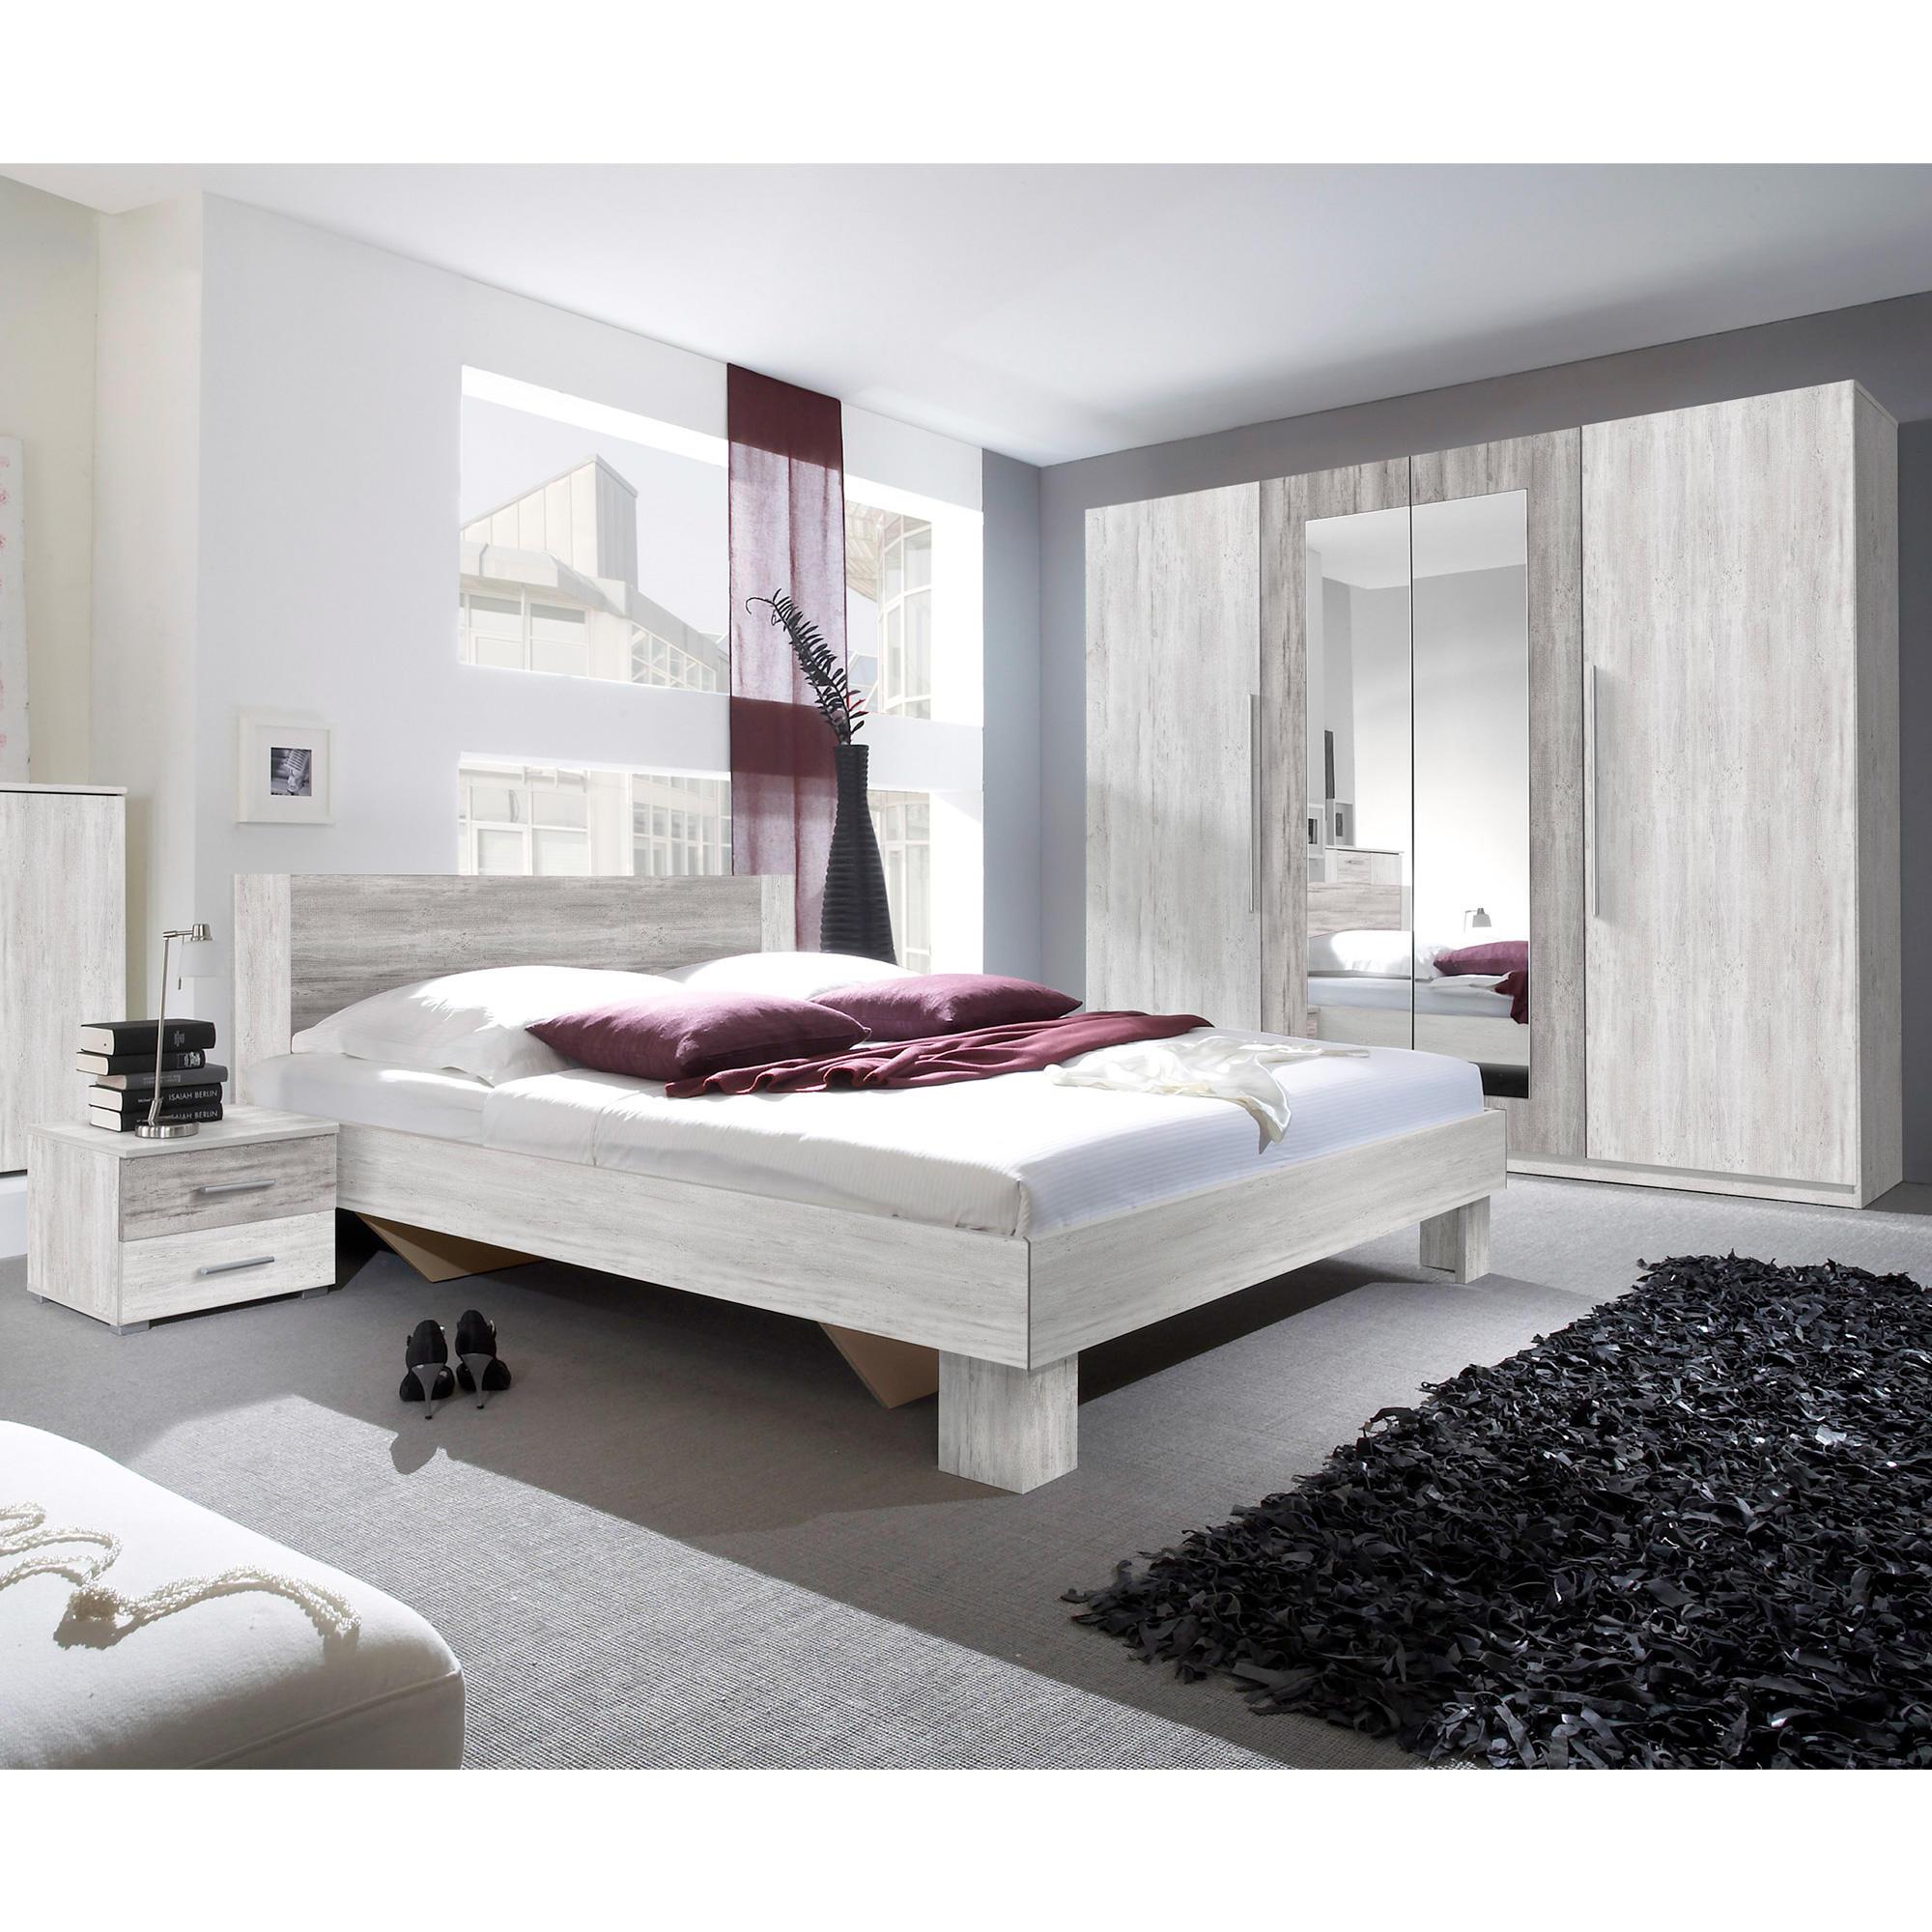 Chambre à coucher 2 personnes Milano + sommier - Chambres à coucher ...